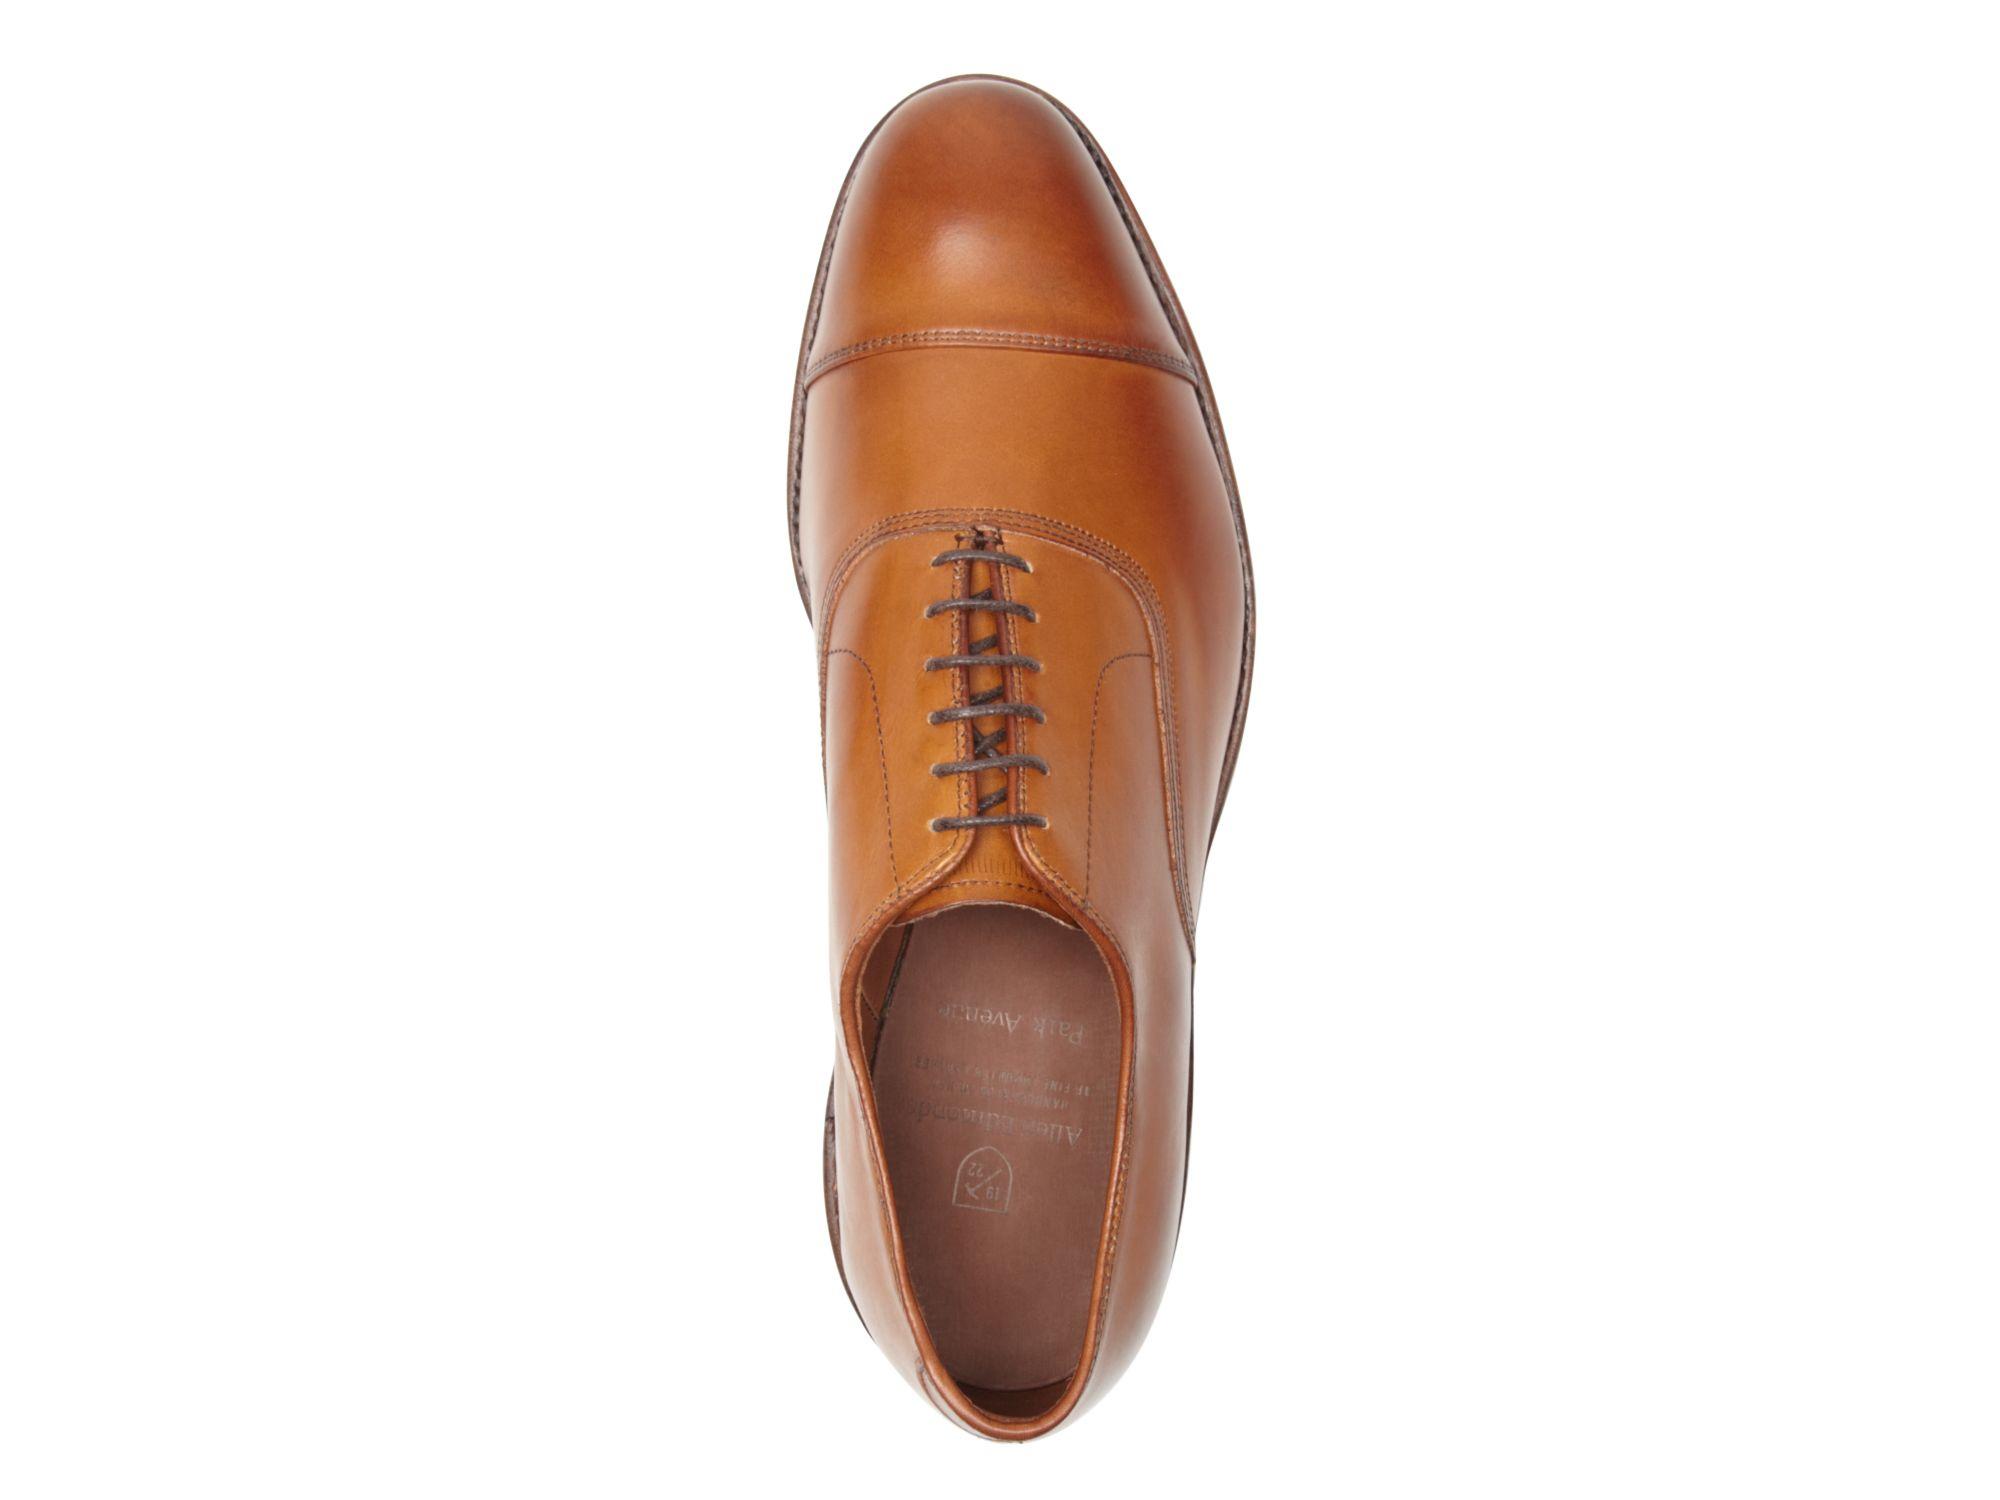 2447a00ea2114 Lyst - Allen Edmonds Park Avenue Oxfords in Brown for Men